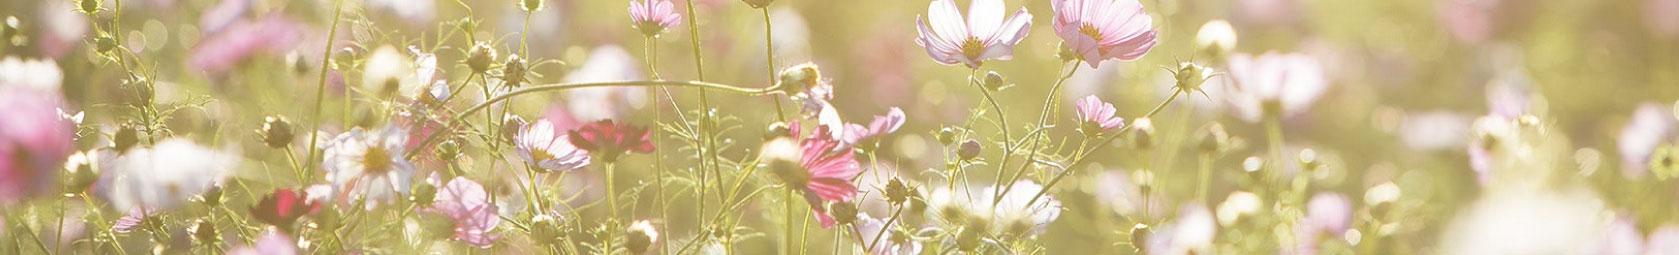 fleuresse Sommer Bettwäsche